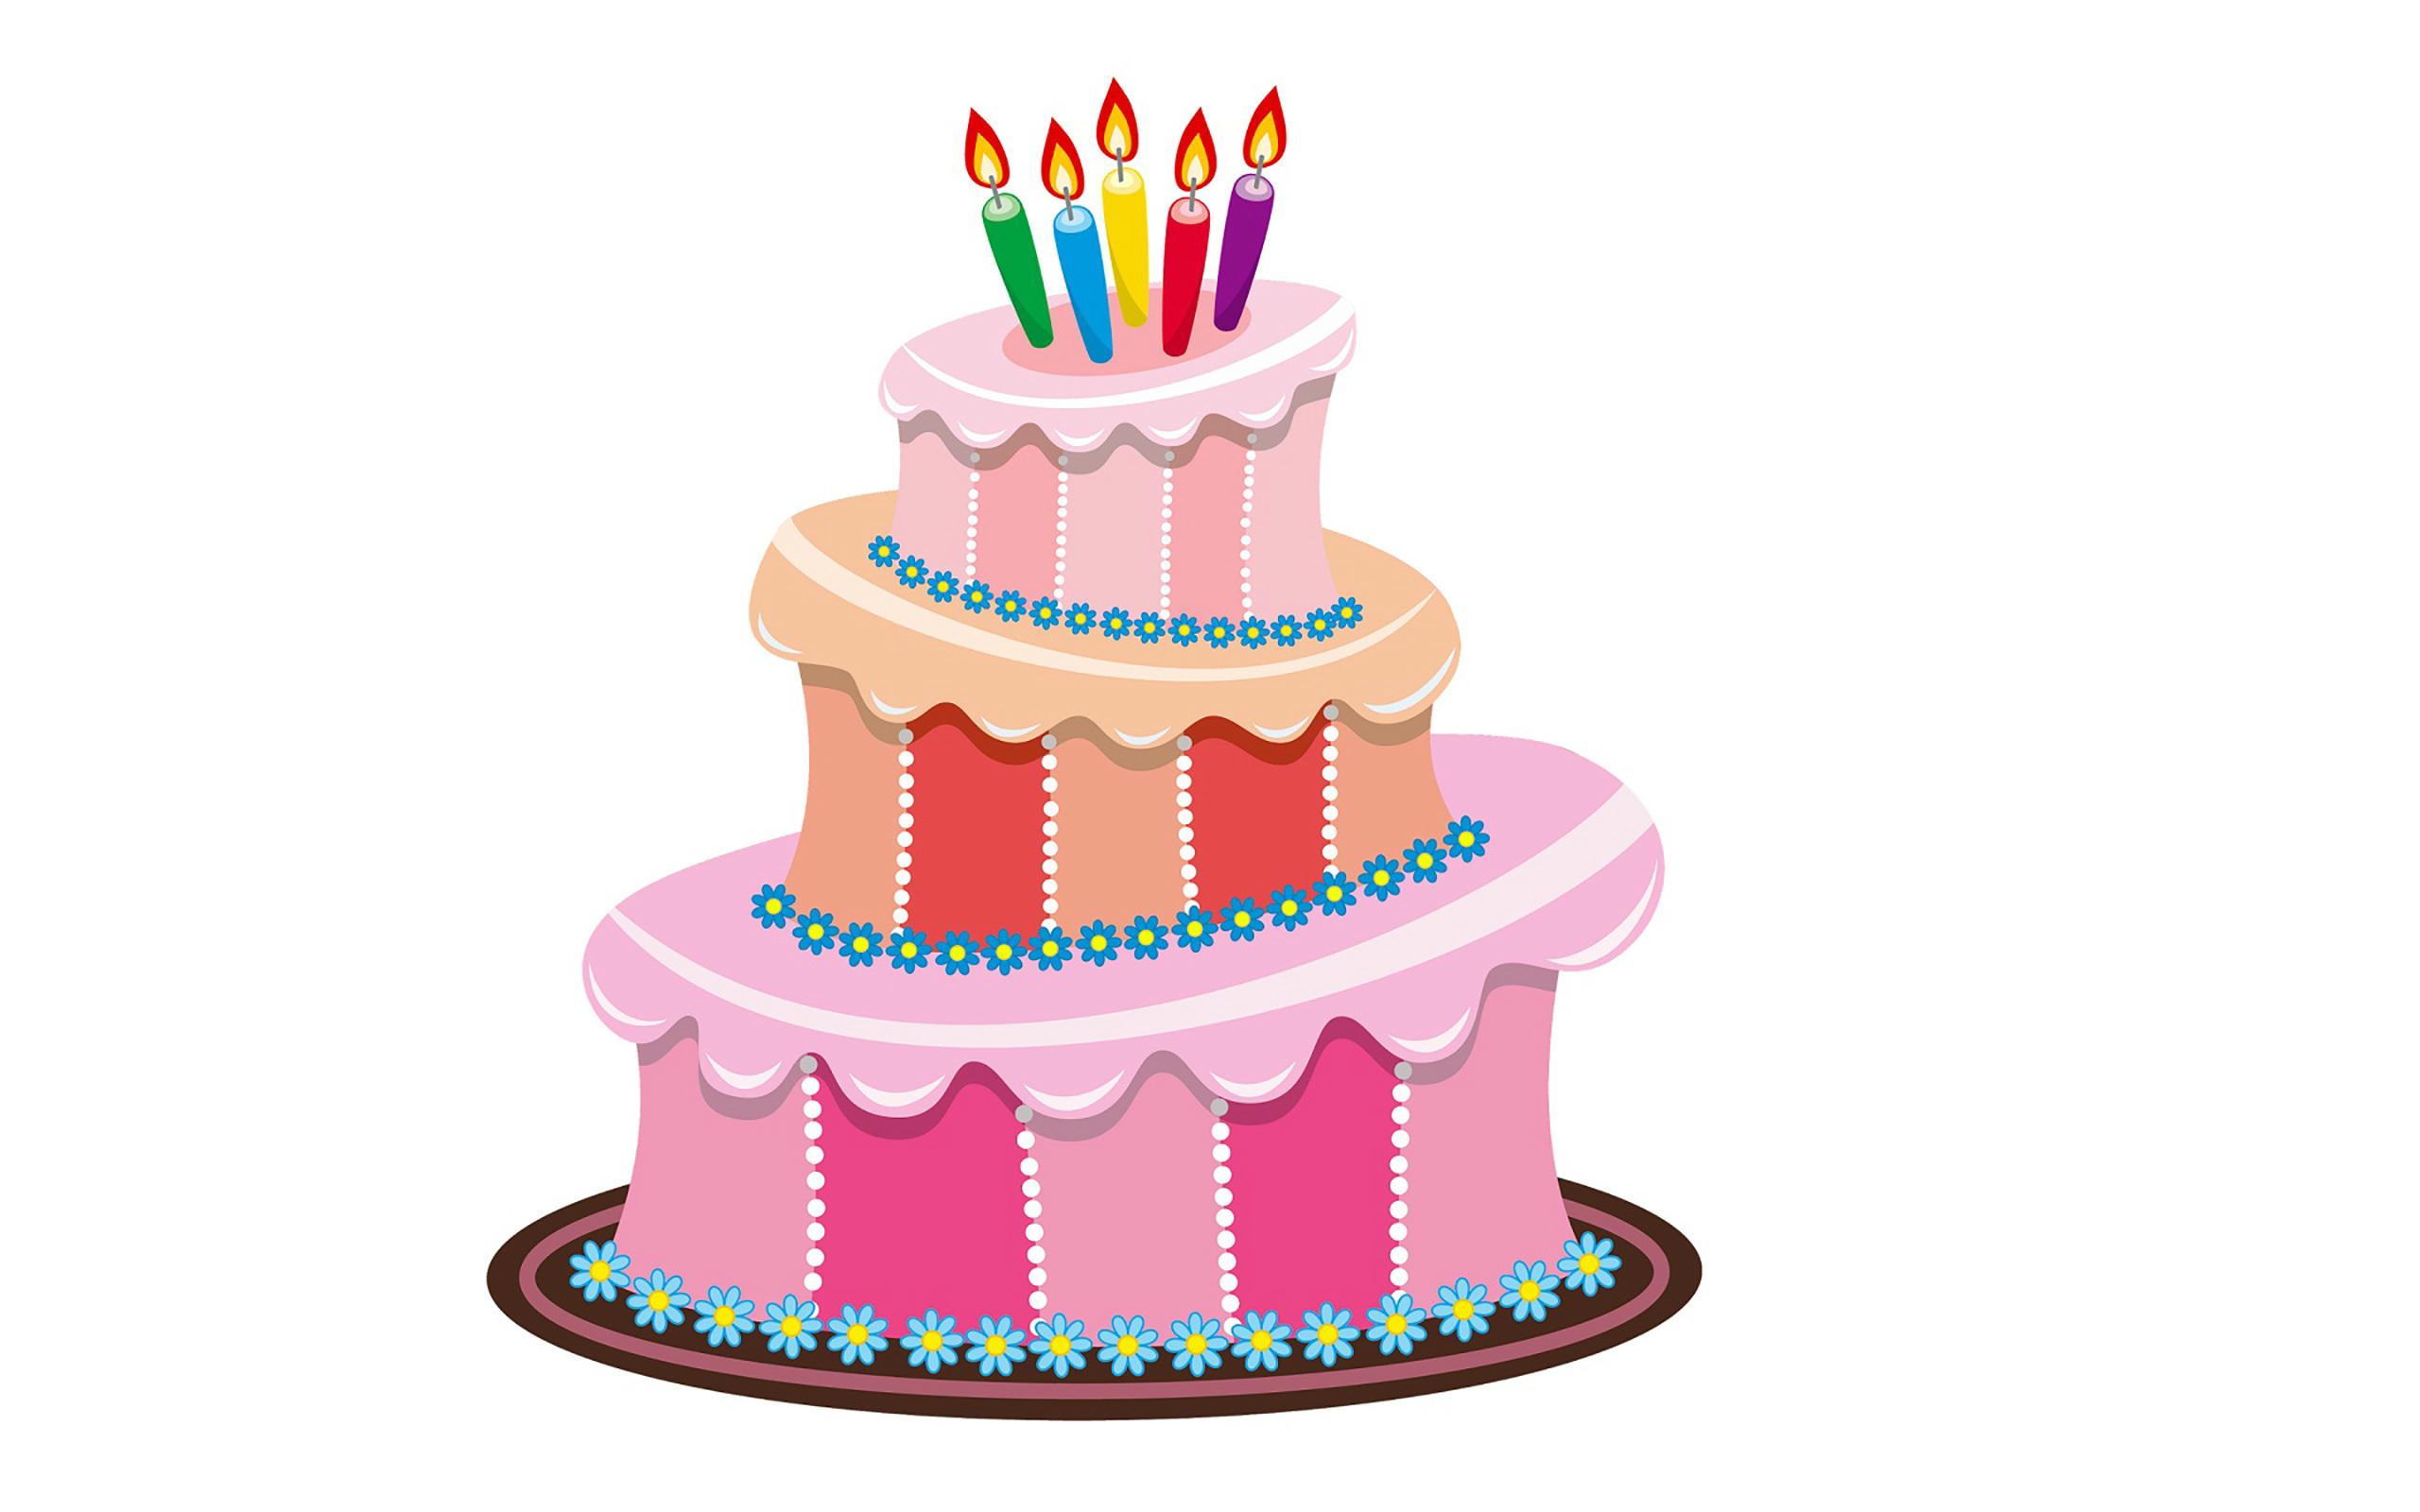 Animated Happy Birthday Cake Imgkid The Image